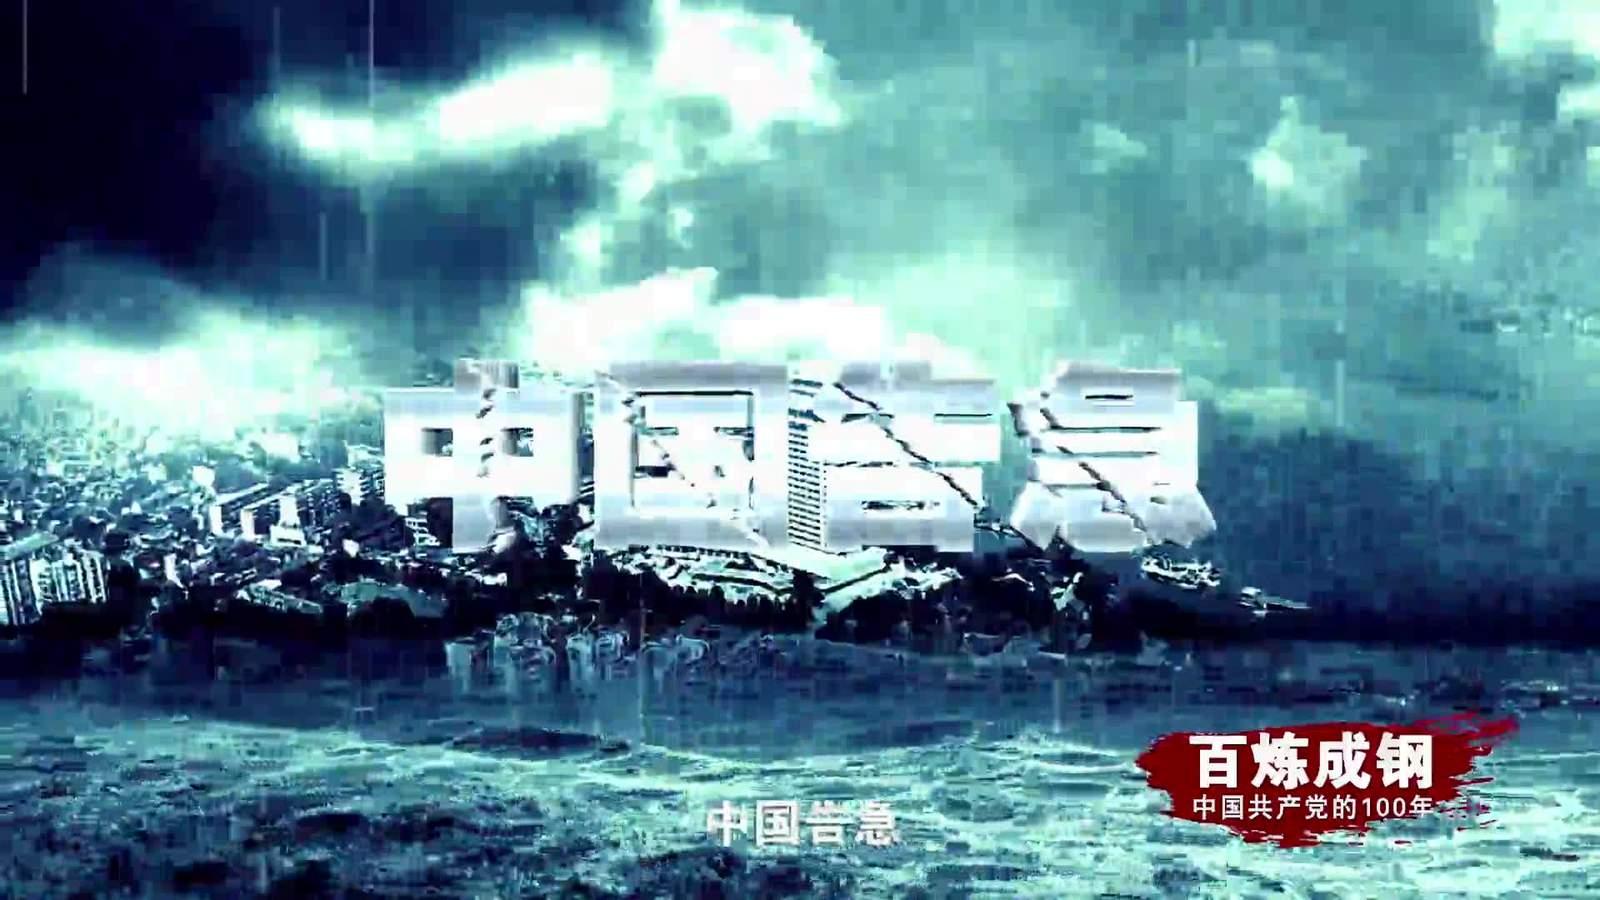 百炼成钢|中国共产党的100年 第六十集:在挑战面前